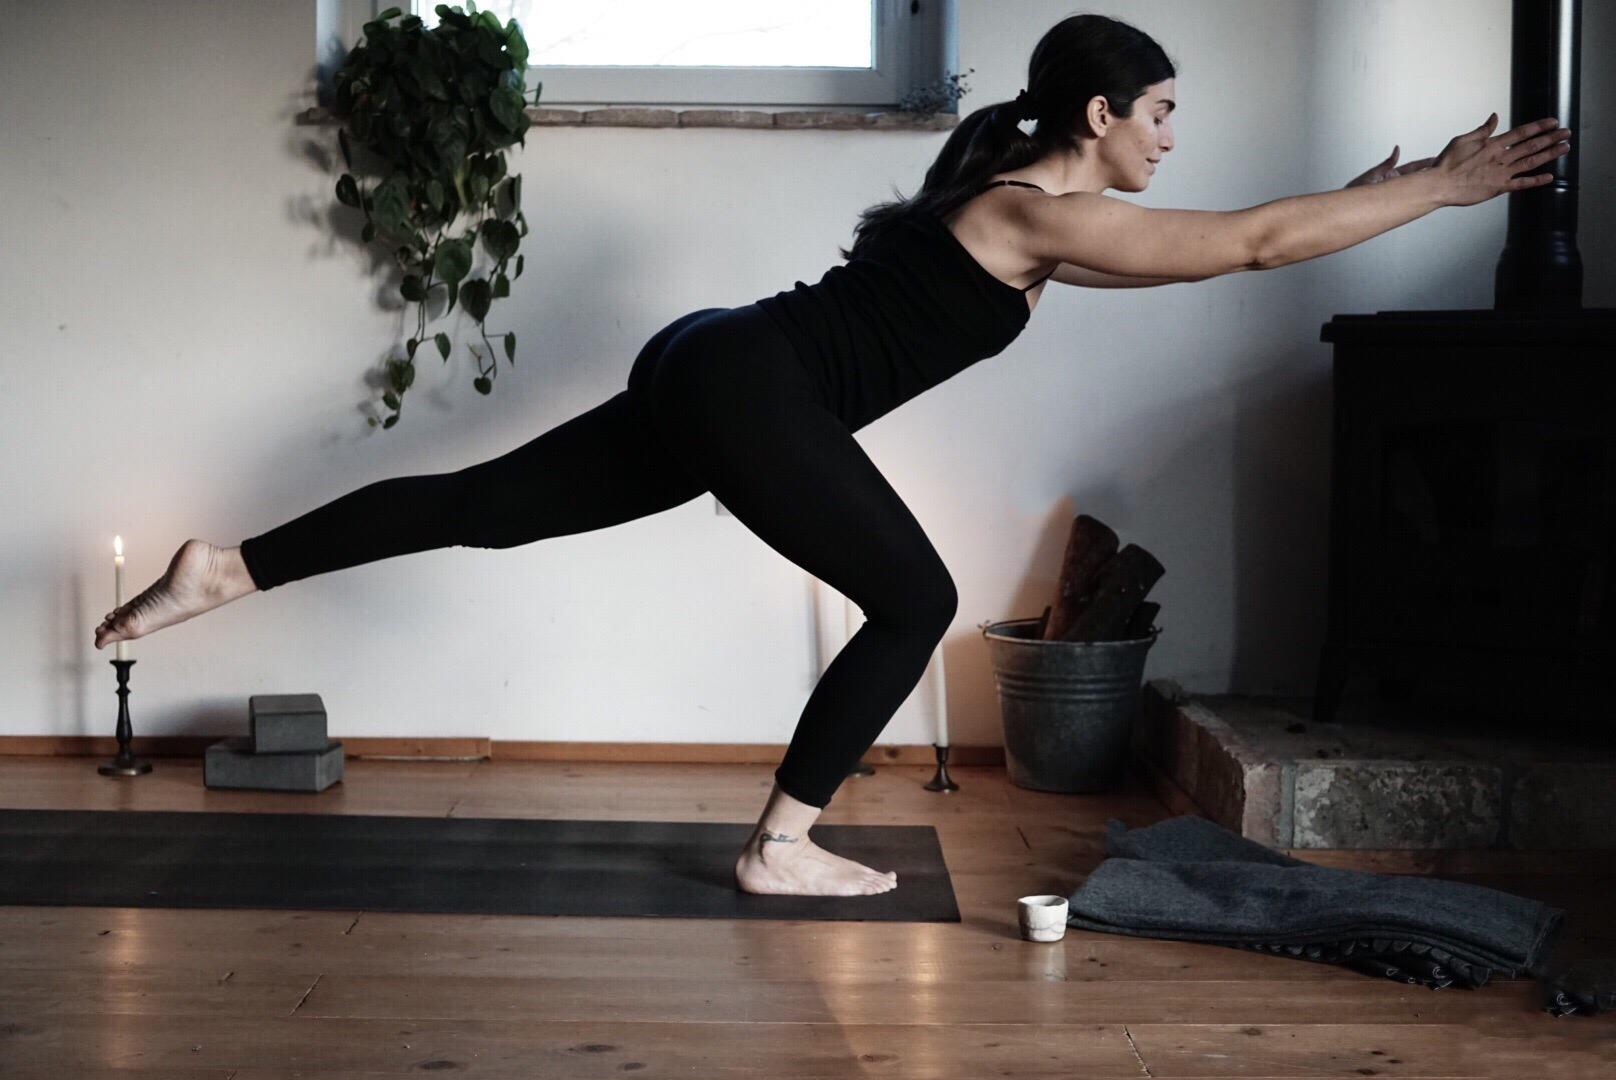 La Vita Yoga - la pratica yoga yoga flow